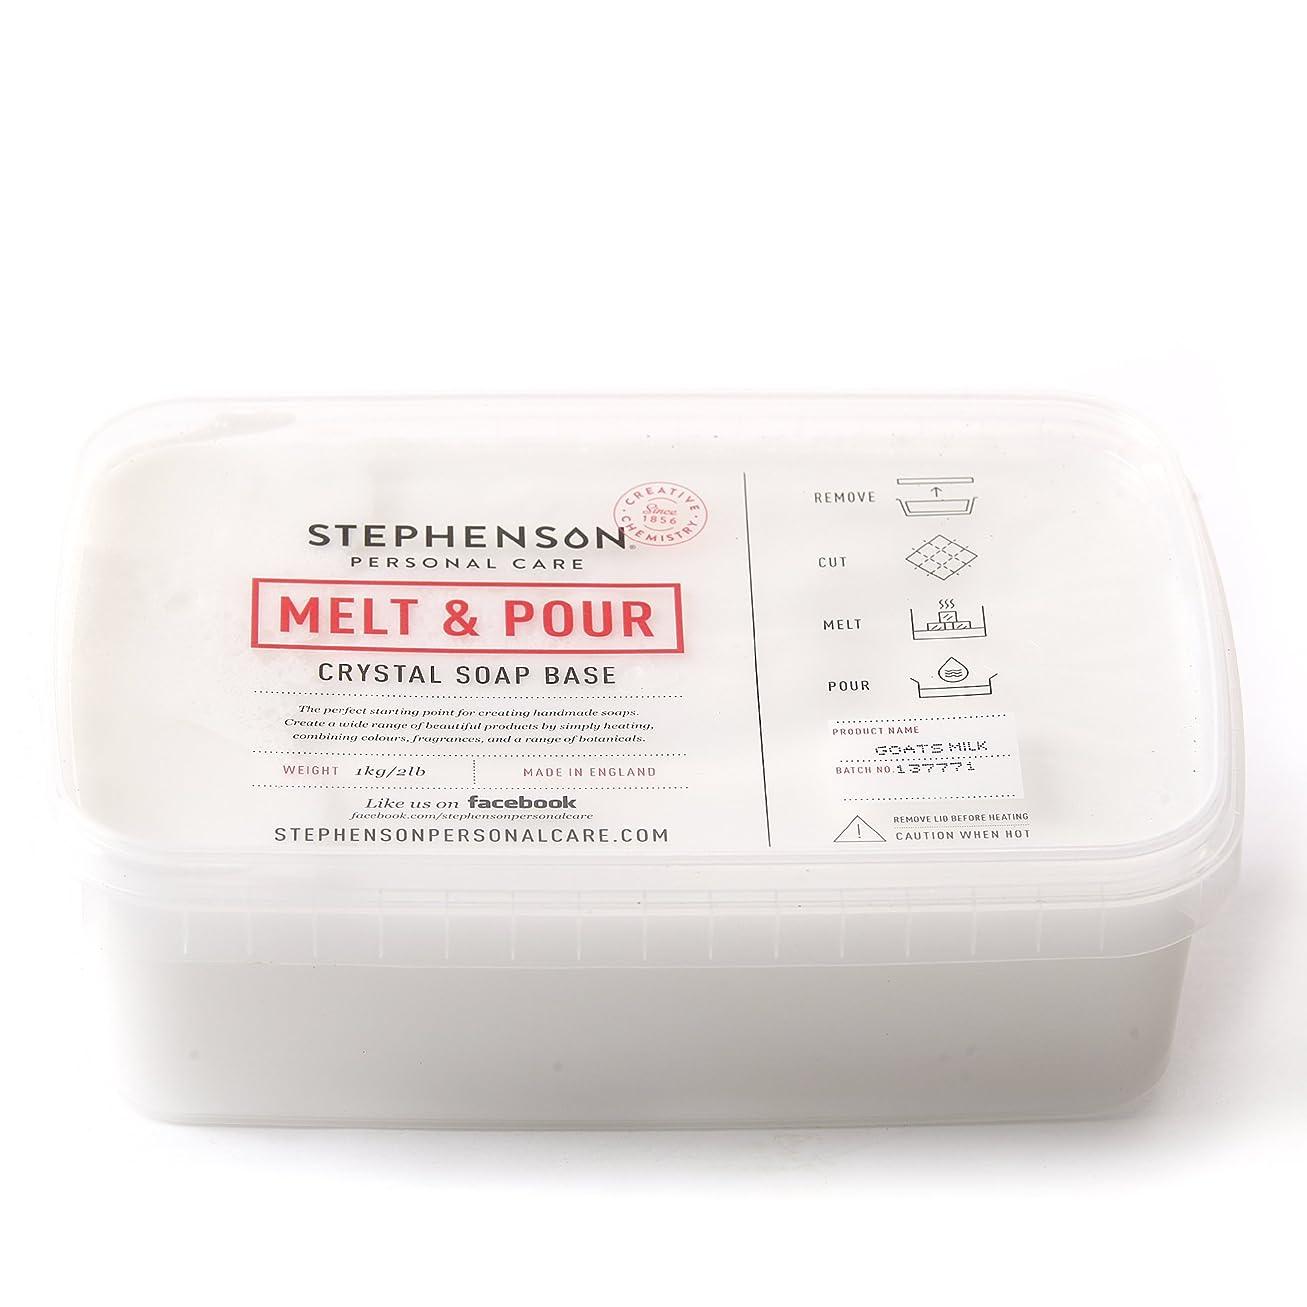 Melt and Pour Soap Base Goat's Milk - 1Kg